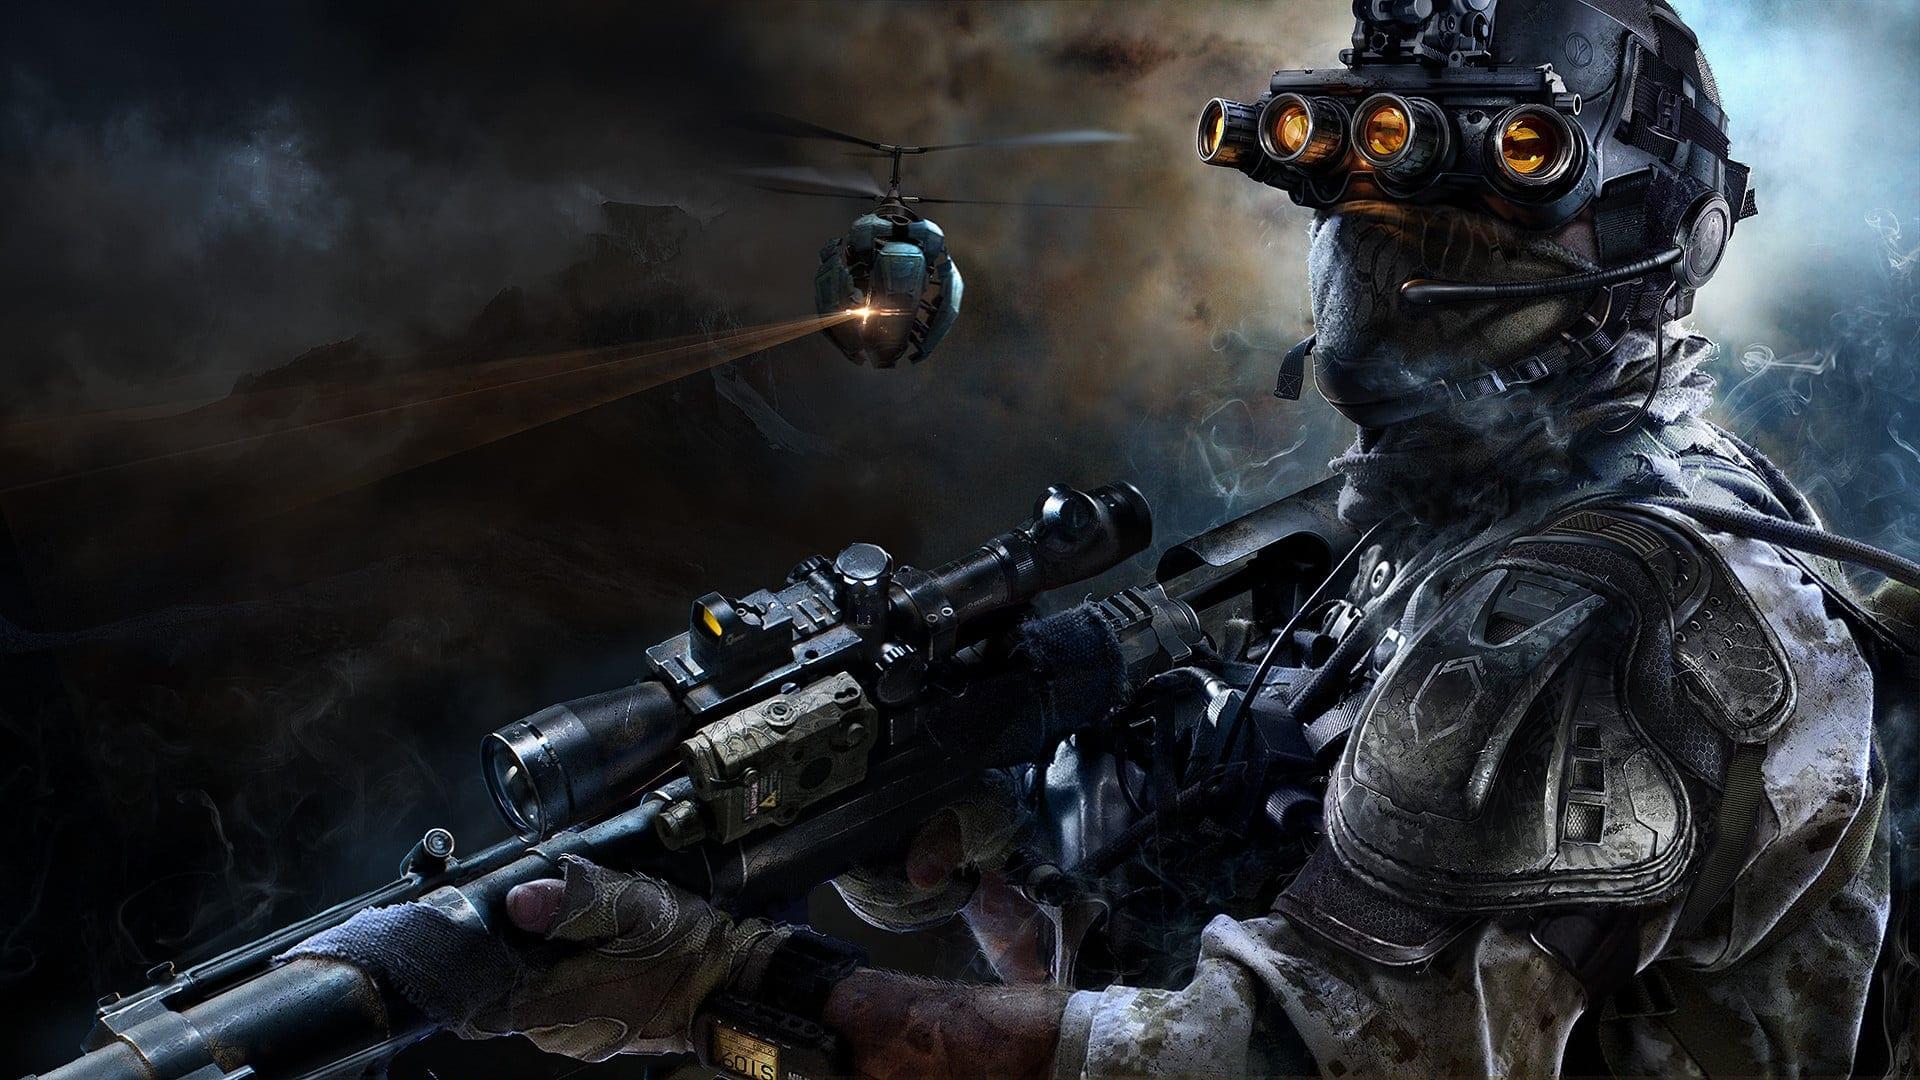 Sniper Ghost Warrior 3 - Annunciata la data d'uscita